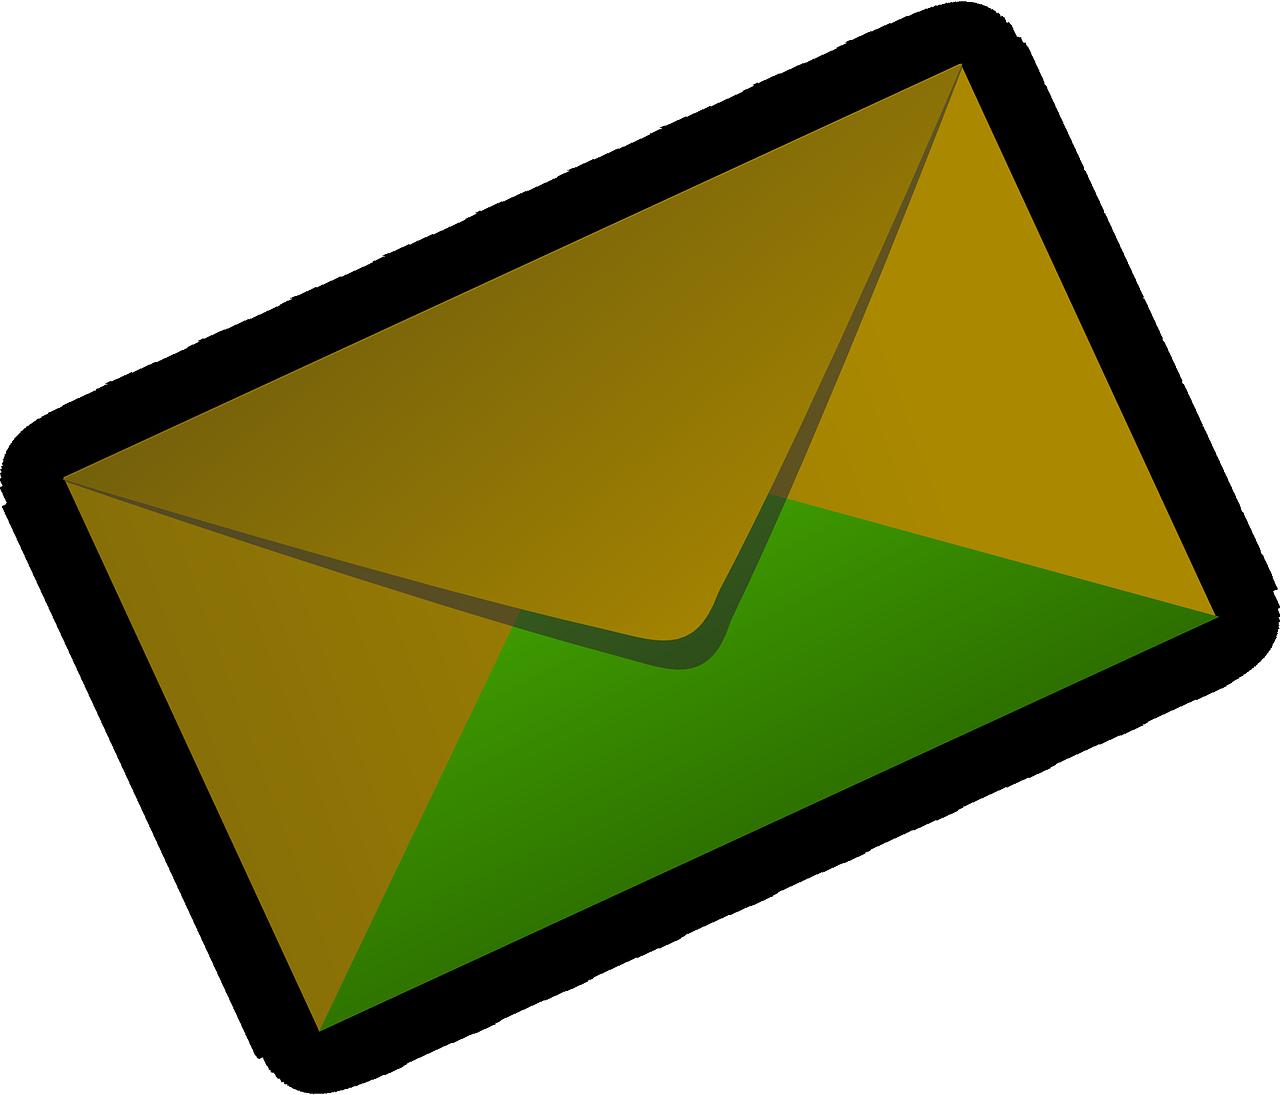 envelop-155526_1280